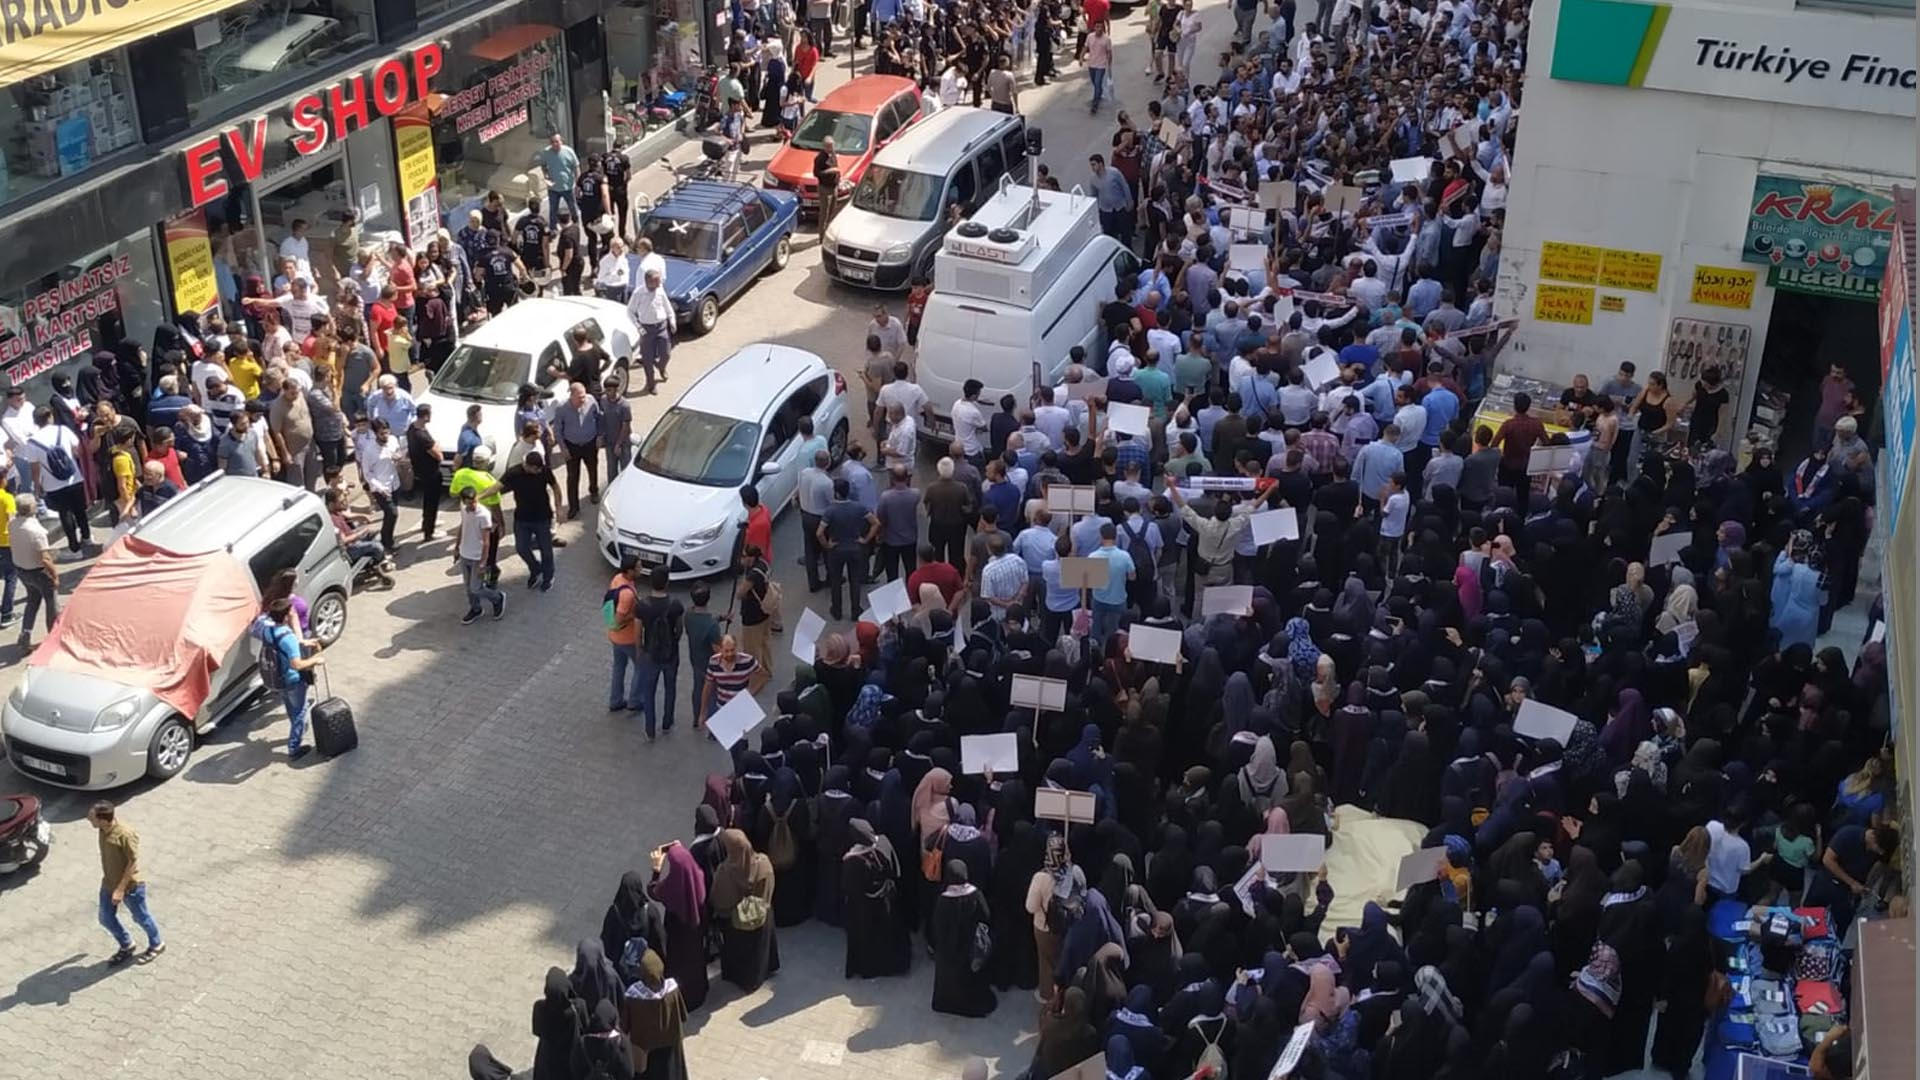 Furkan Gönüllülerinden Tutukluluk Kararına Tepki: Zalime Boğun Eğmeyeceğiz!